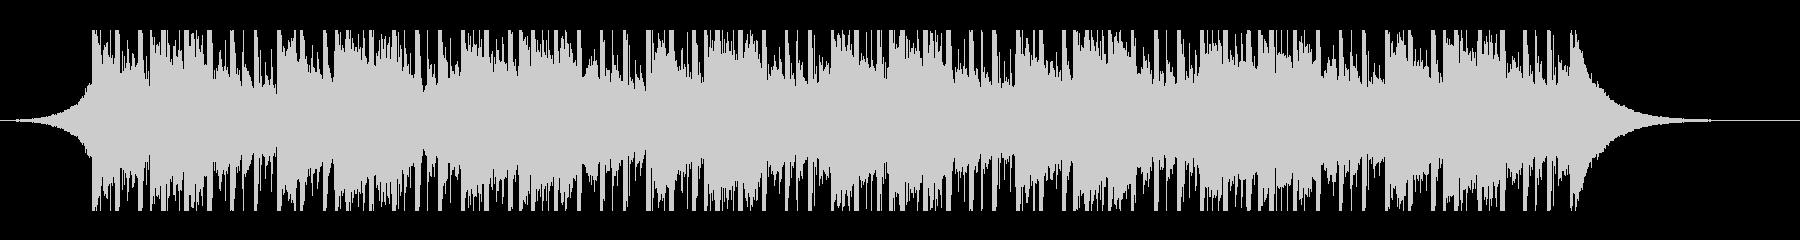 コーポレートインテリジェンス(40秒)の未再生の波形